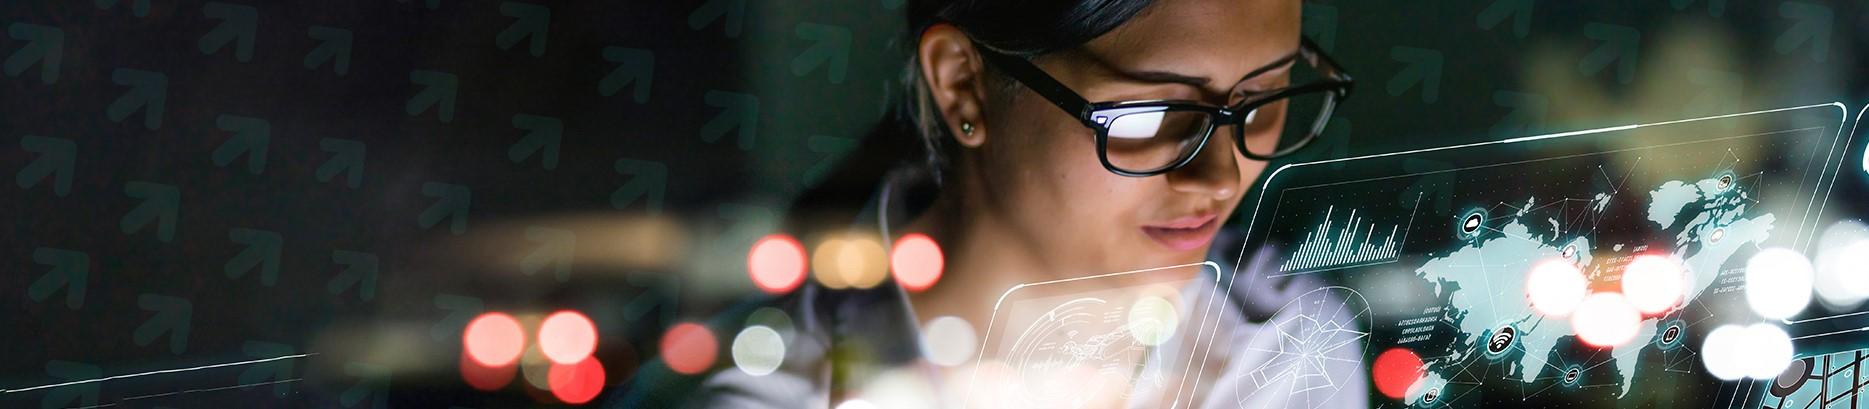 Woman looking at data